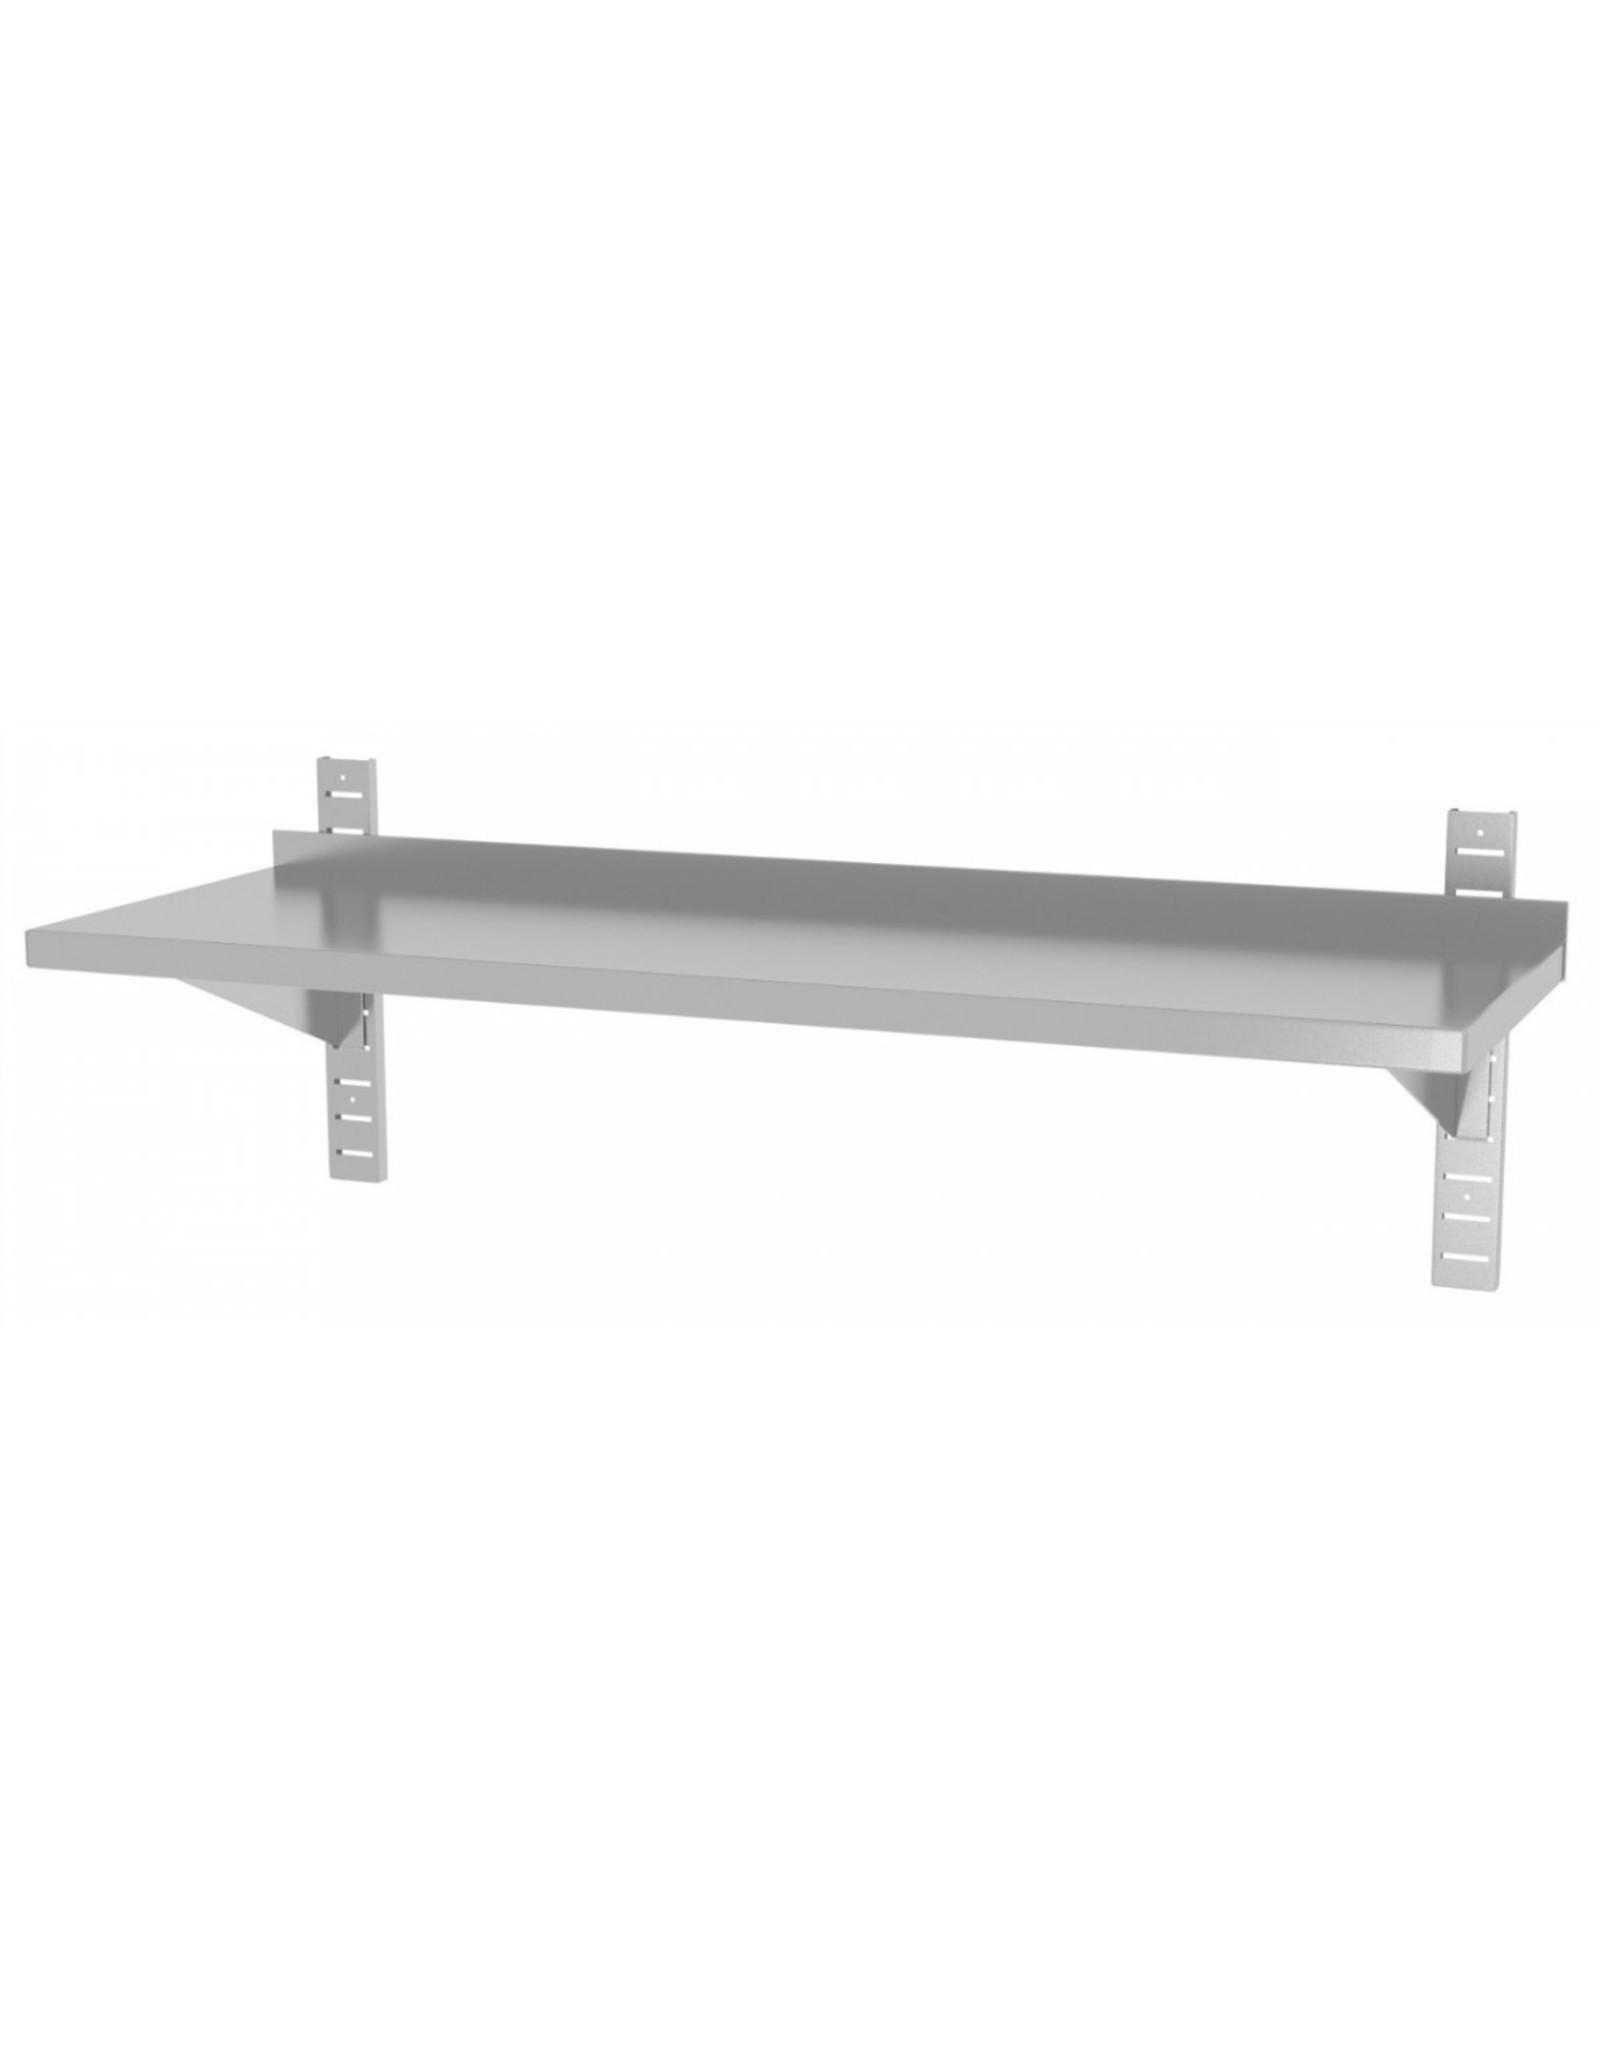 Wandplank | 1 plank | met 2 beugels | 600-1500mm breed | 300 of 400mm diep